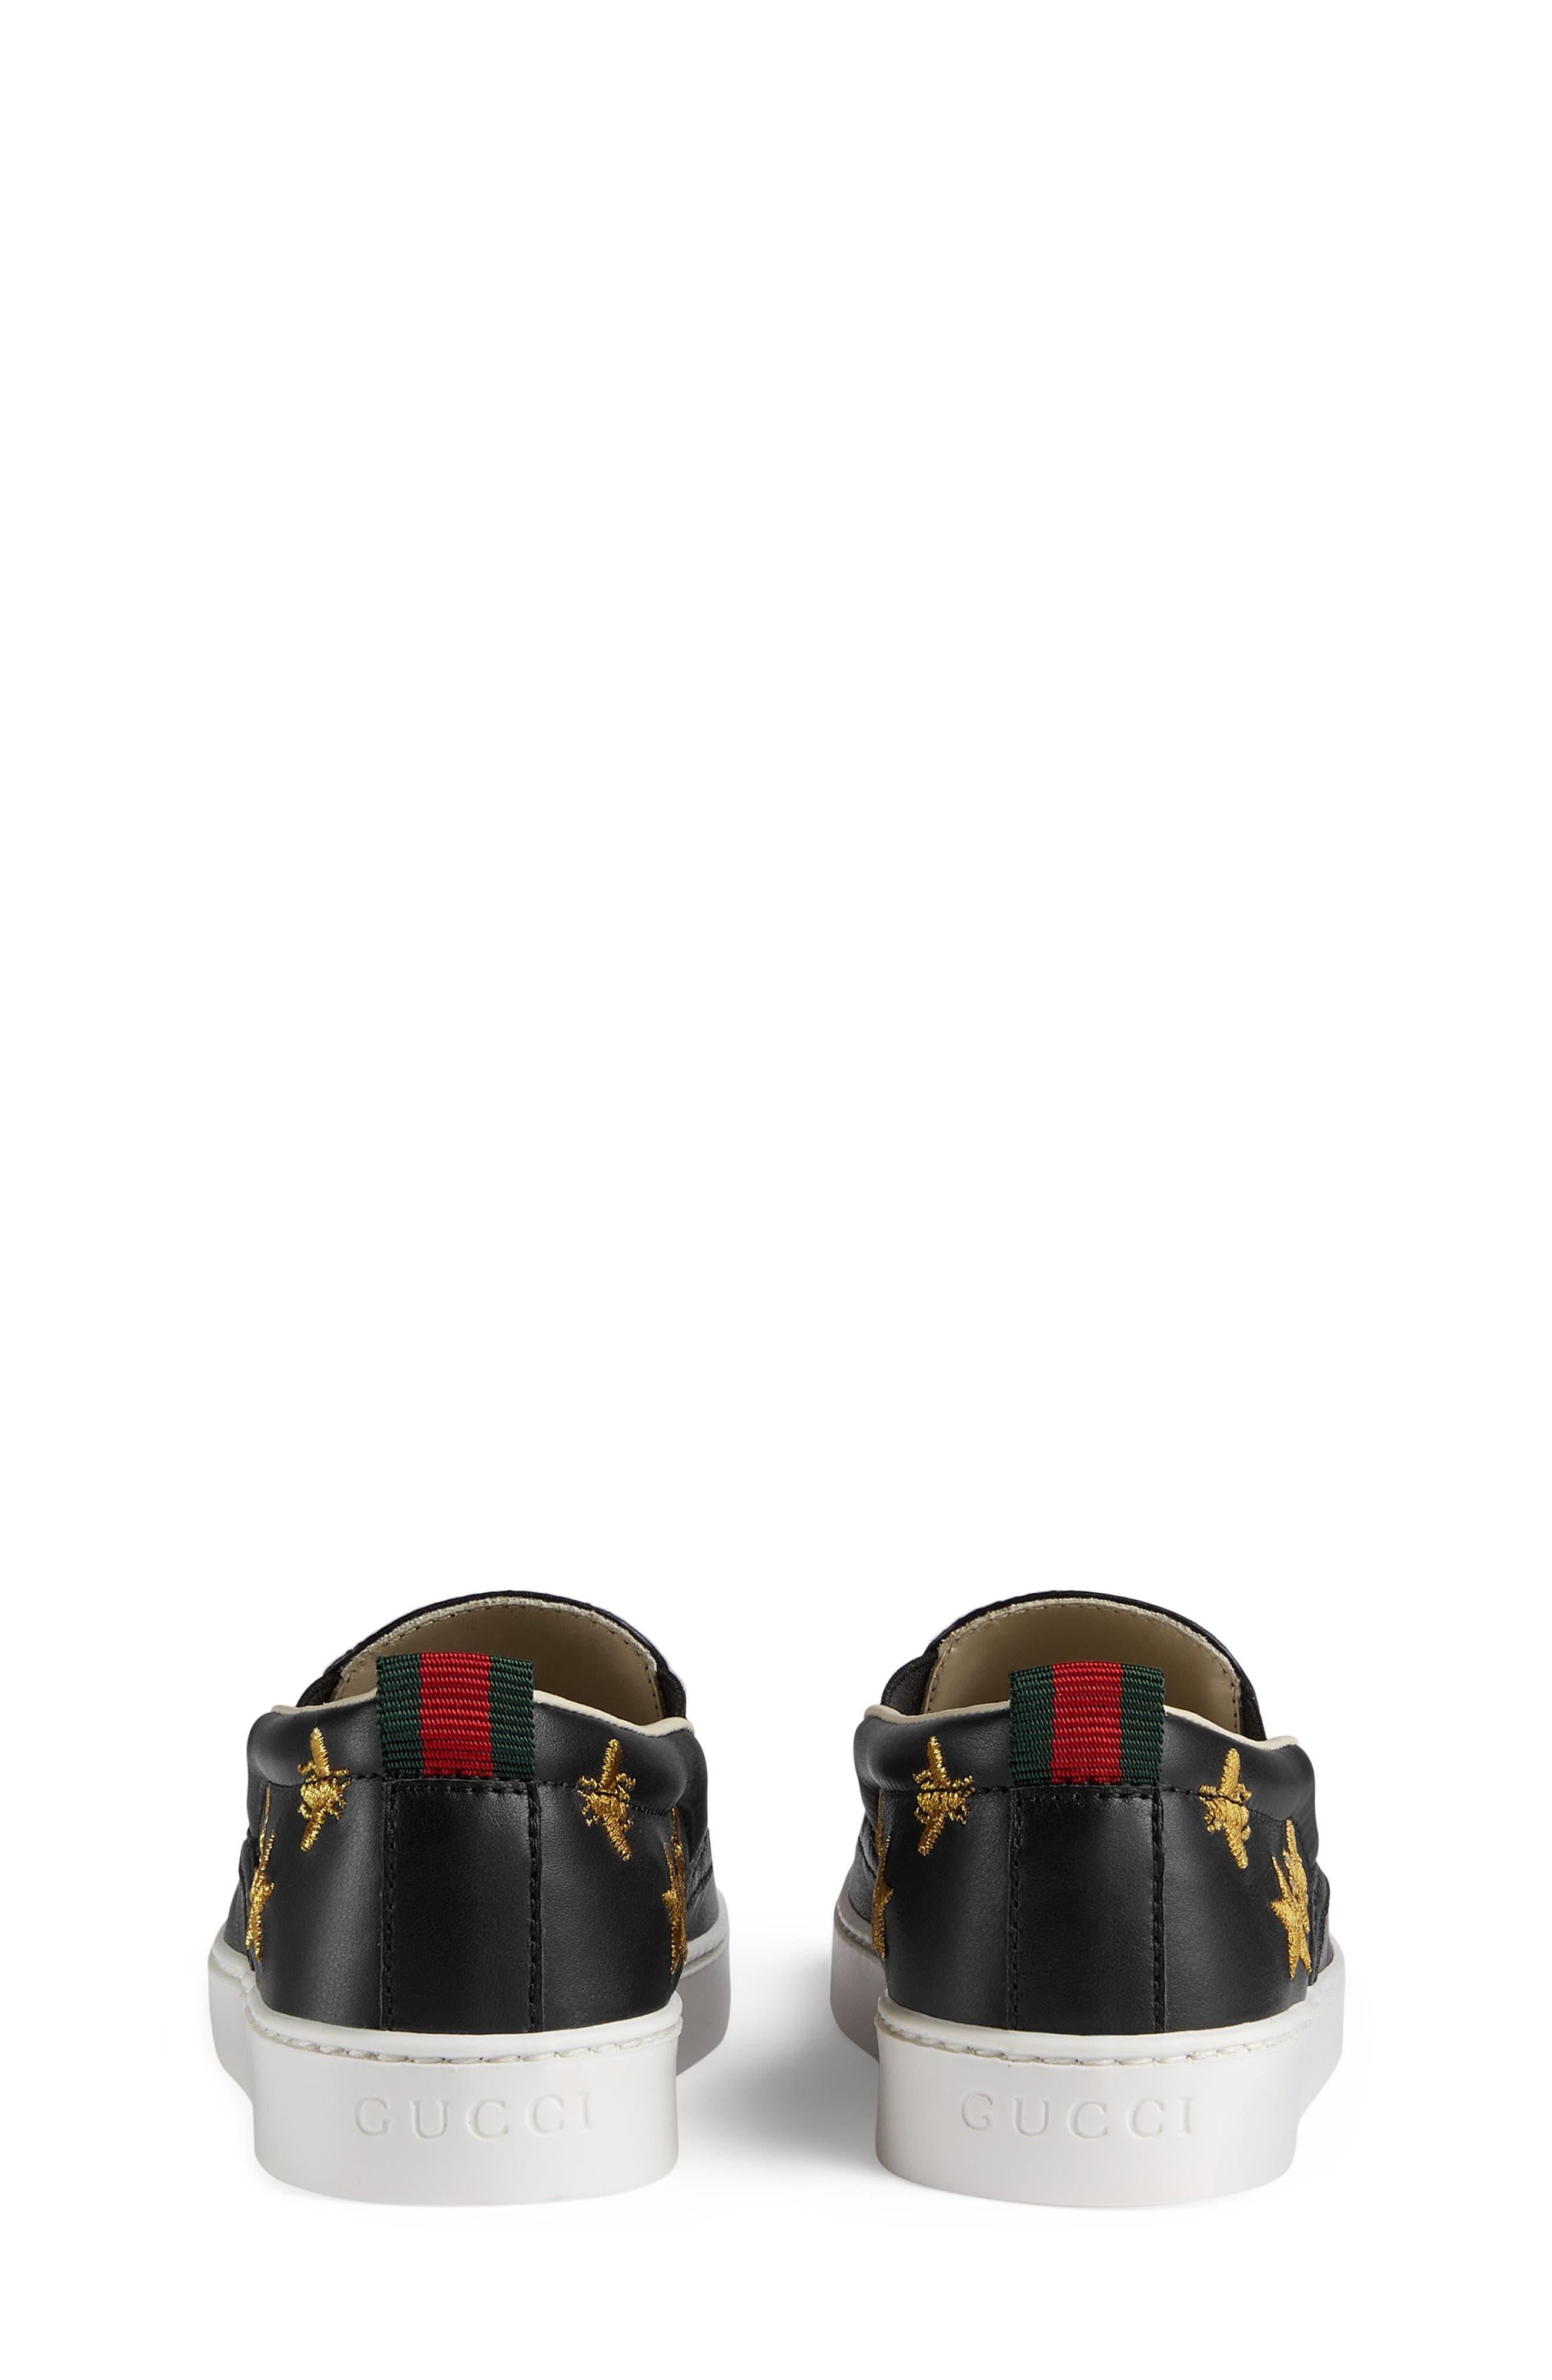 Dublin Bees and Stars Slip-On Sneaker,                             Alternate thumbnail 5, color,                             Black/Gold Stars